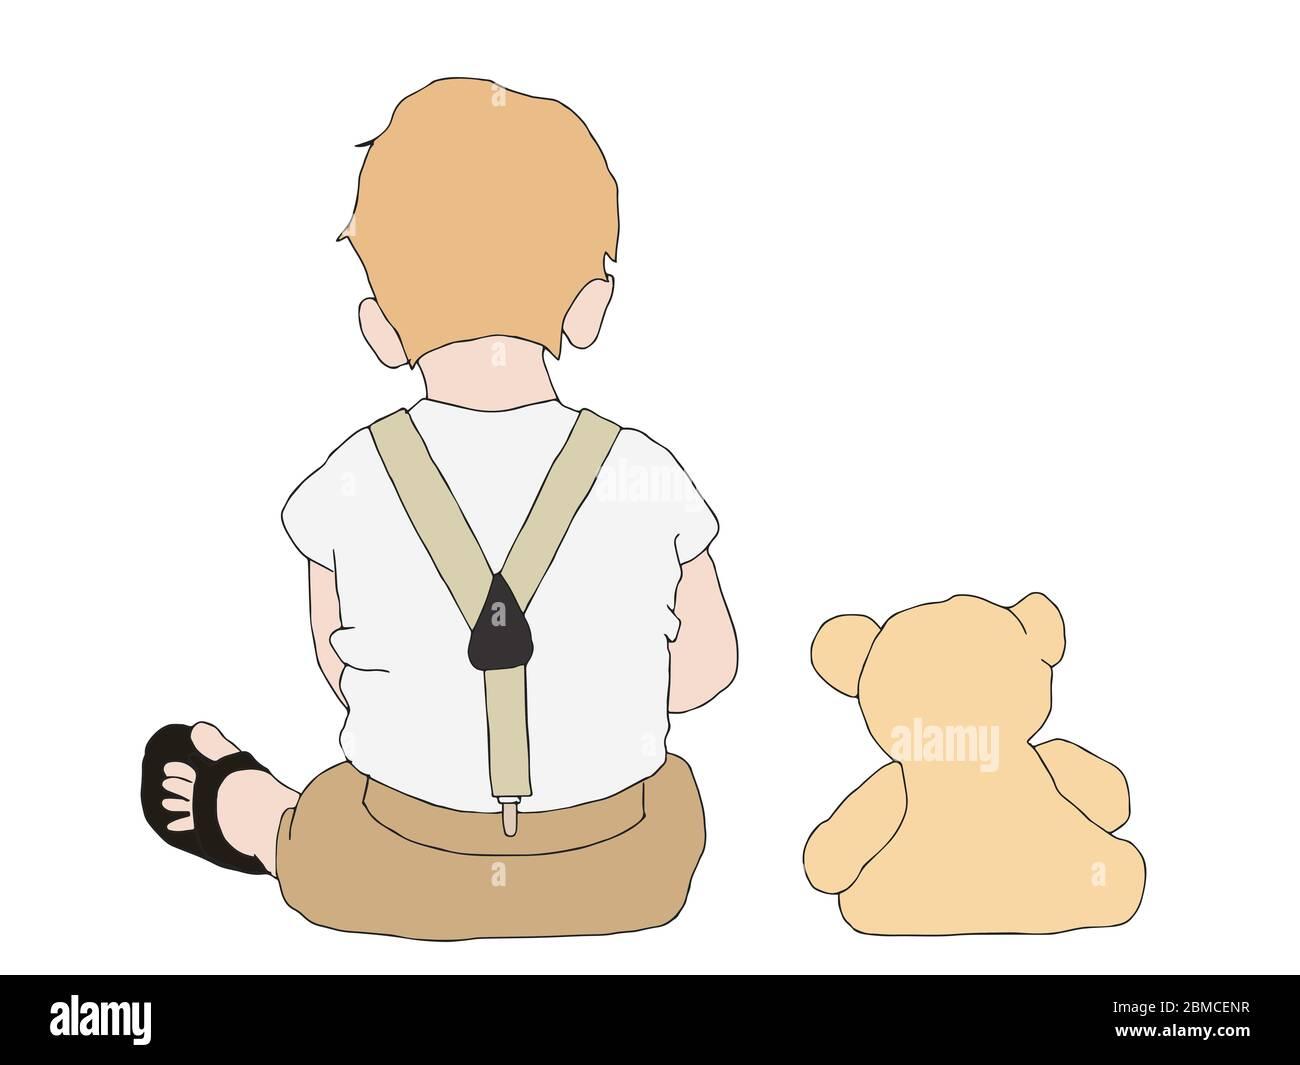 Ilustración de un niño pequeño y un juguete de oso de peluche que siting juntos sobre fondo blanco Foto de stock